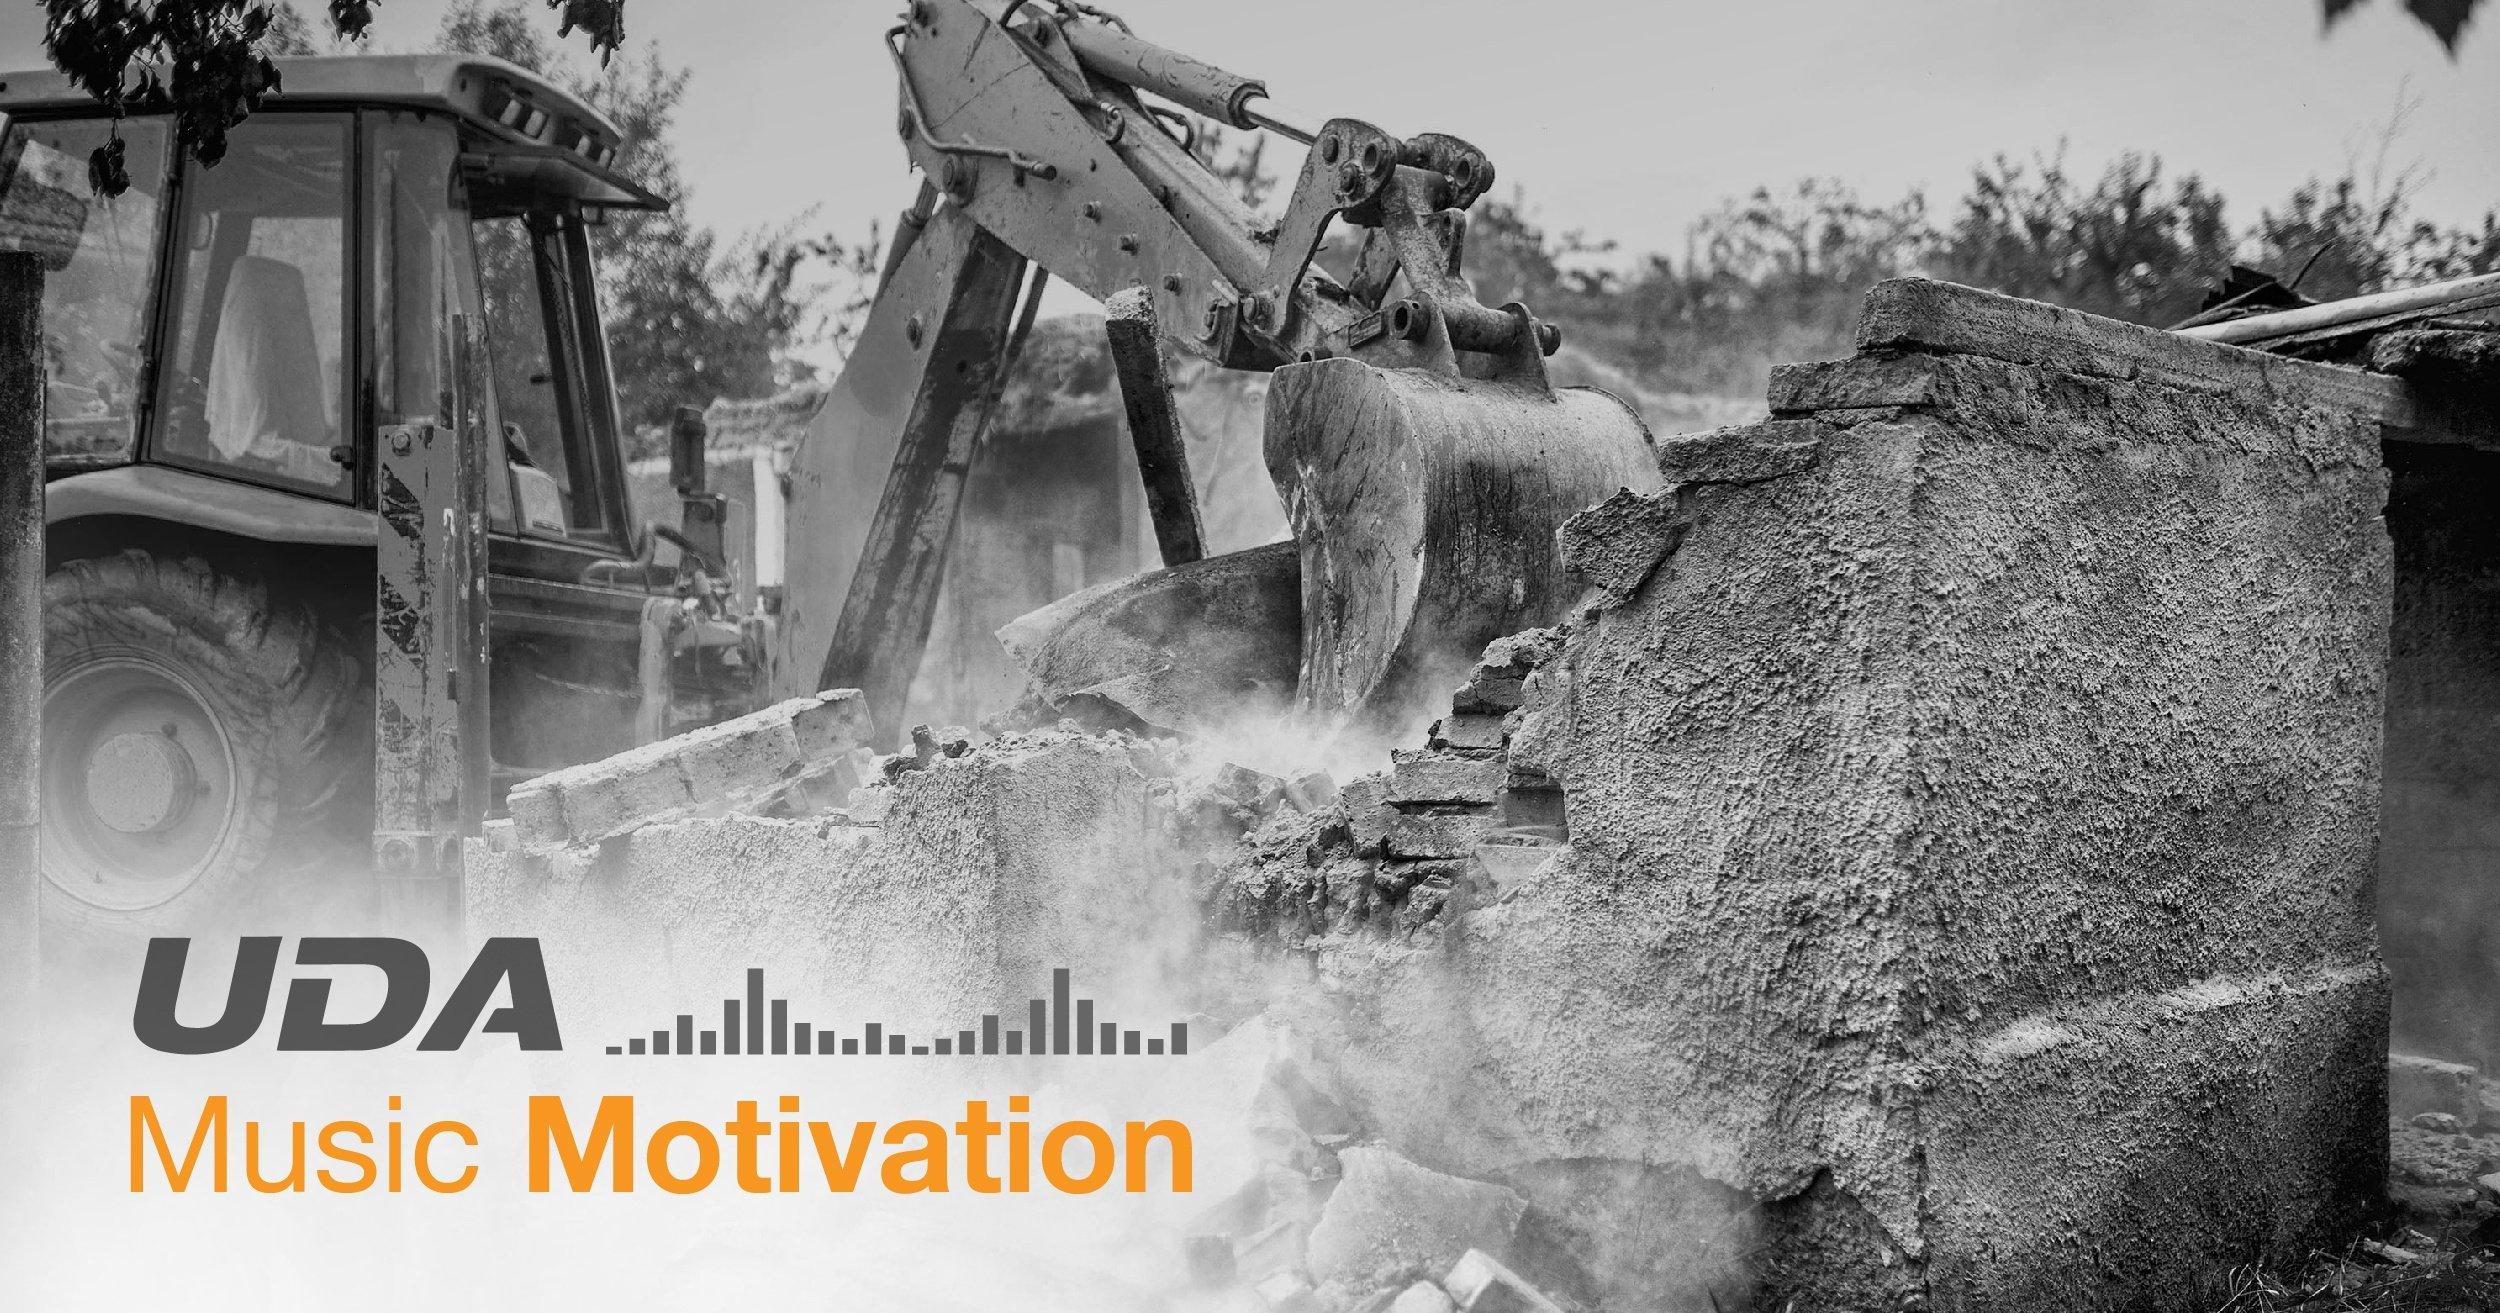 Music Motivation: Demolition Day